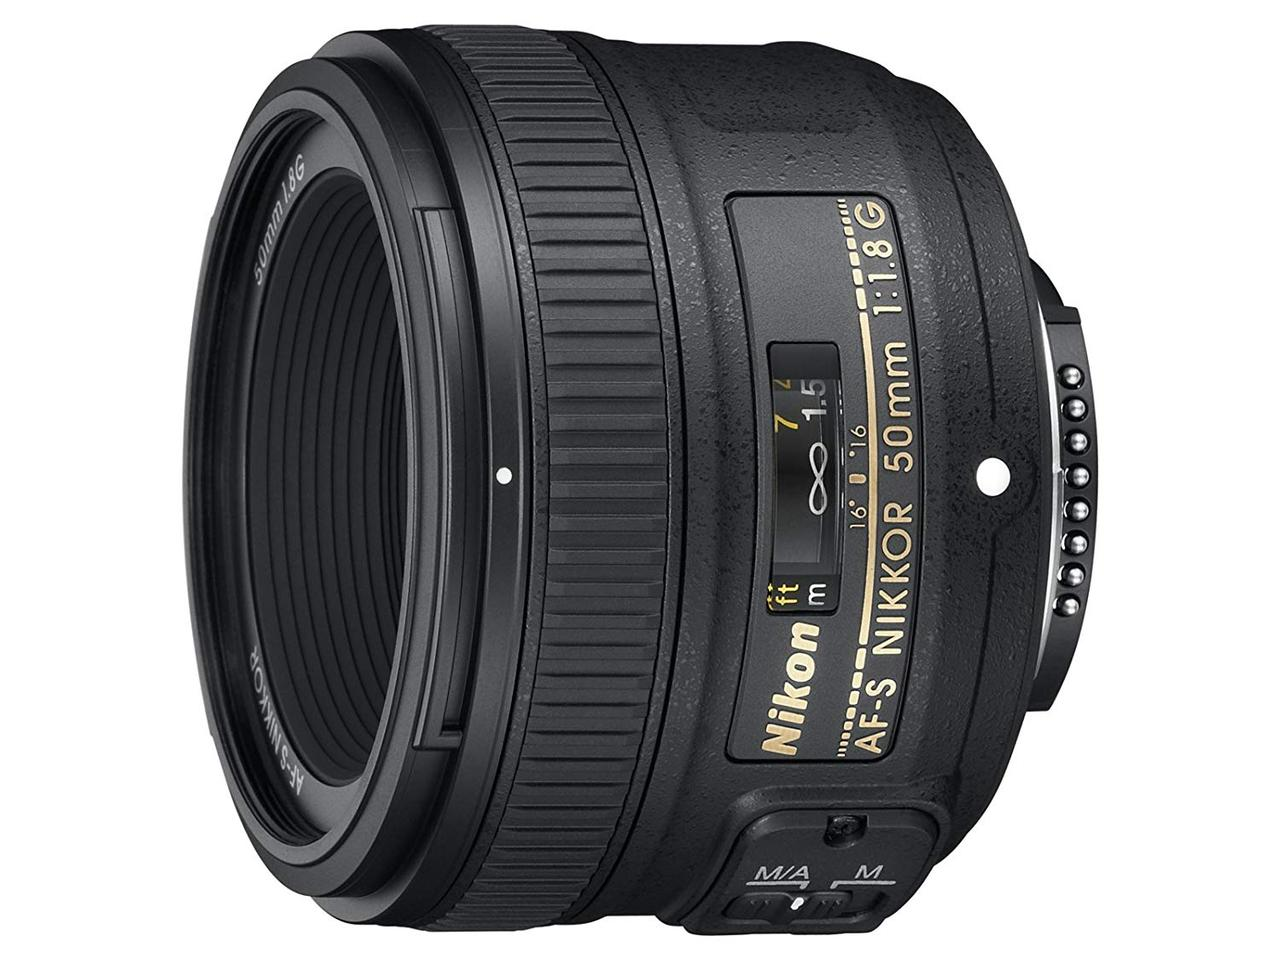 画像: Nikon 単焦点レンズ AF-S NIKKOR 50mm f/1.8G フルサイズ対応 AF-S 50/1.8G